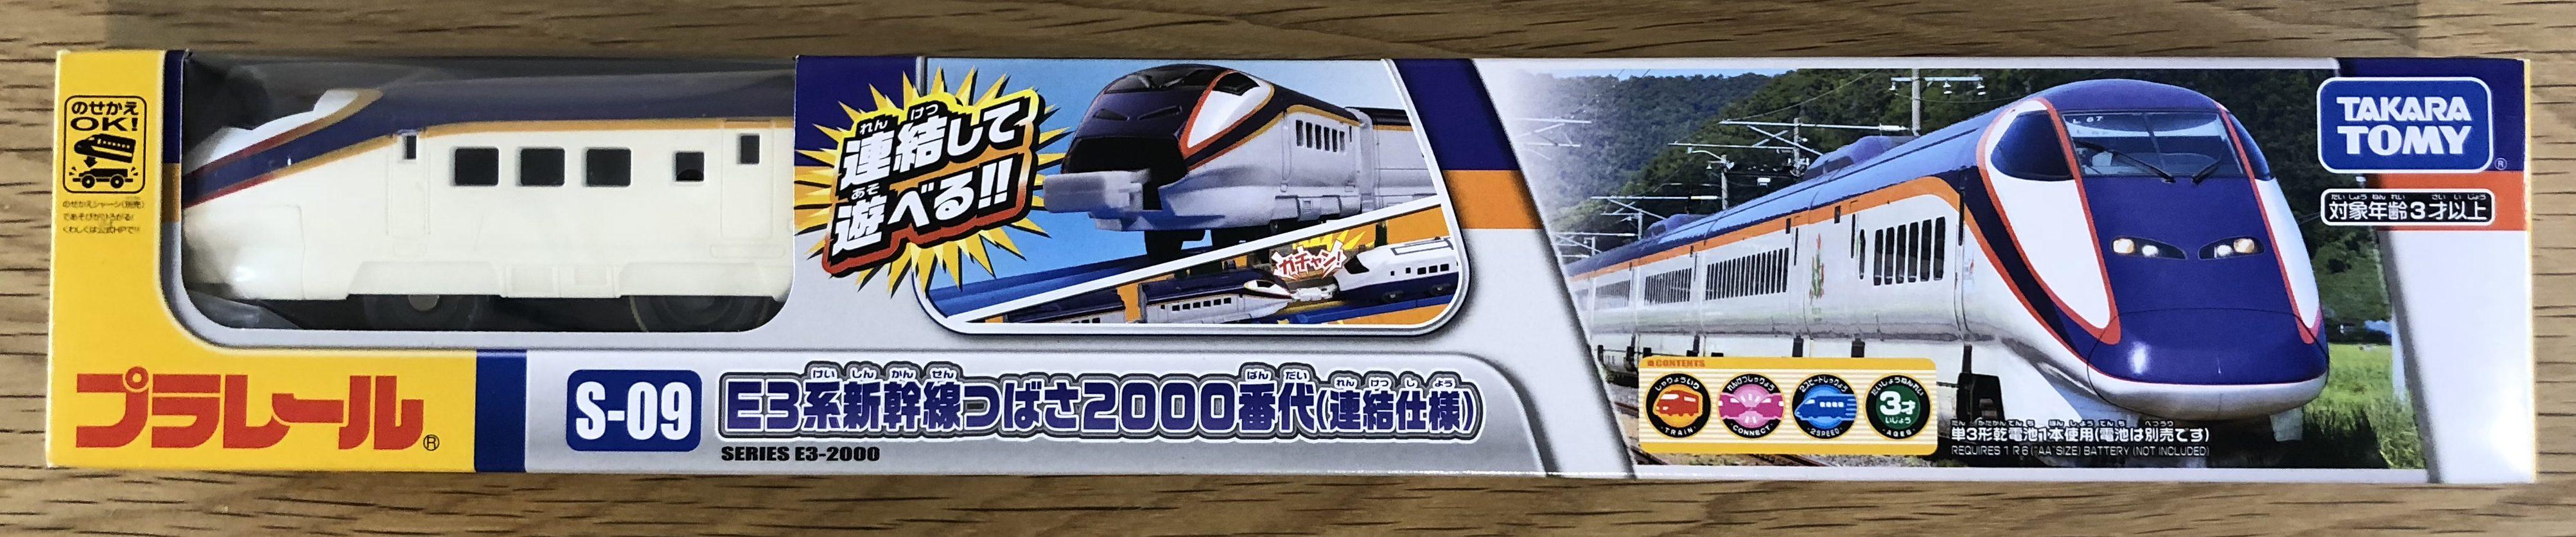 プラレール S-09 E3系新幹線つばさ2000番代(連結仕様)